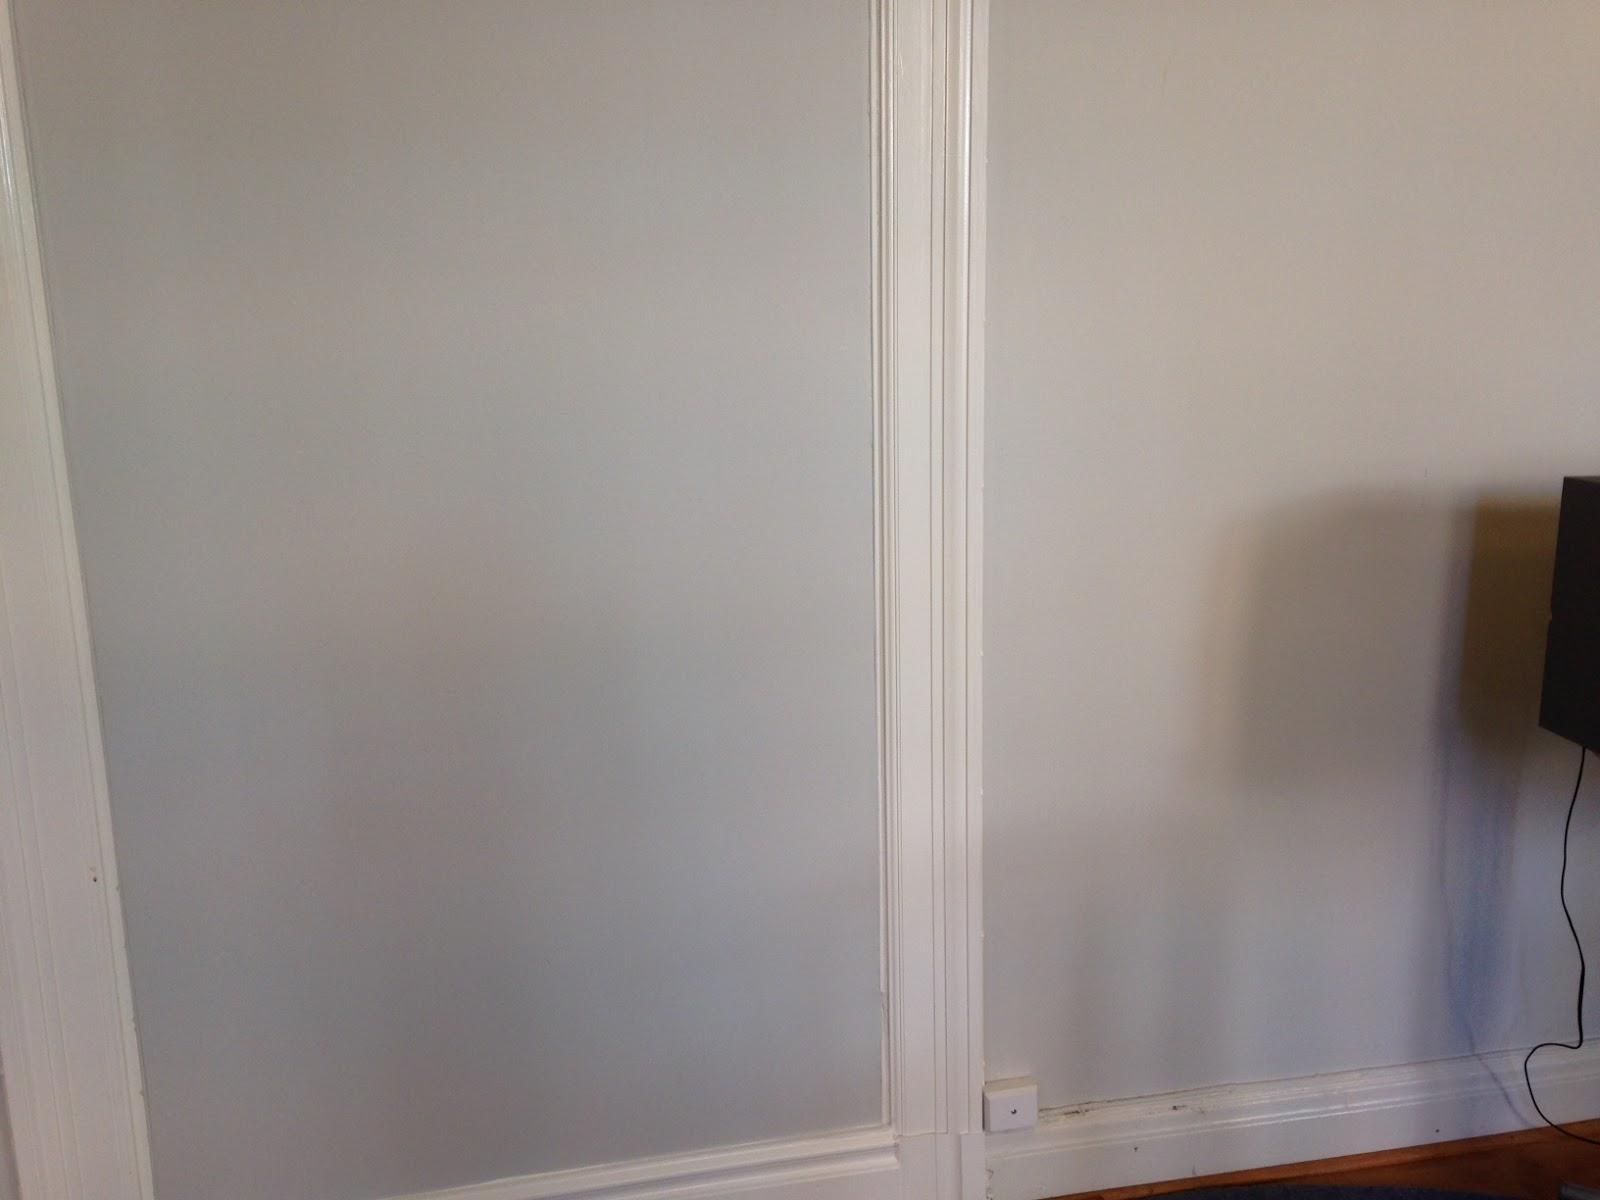 50 nyanser av vitt: jakten på den perfekta grå väggfärgen...